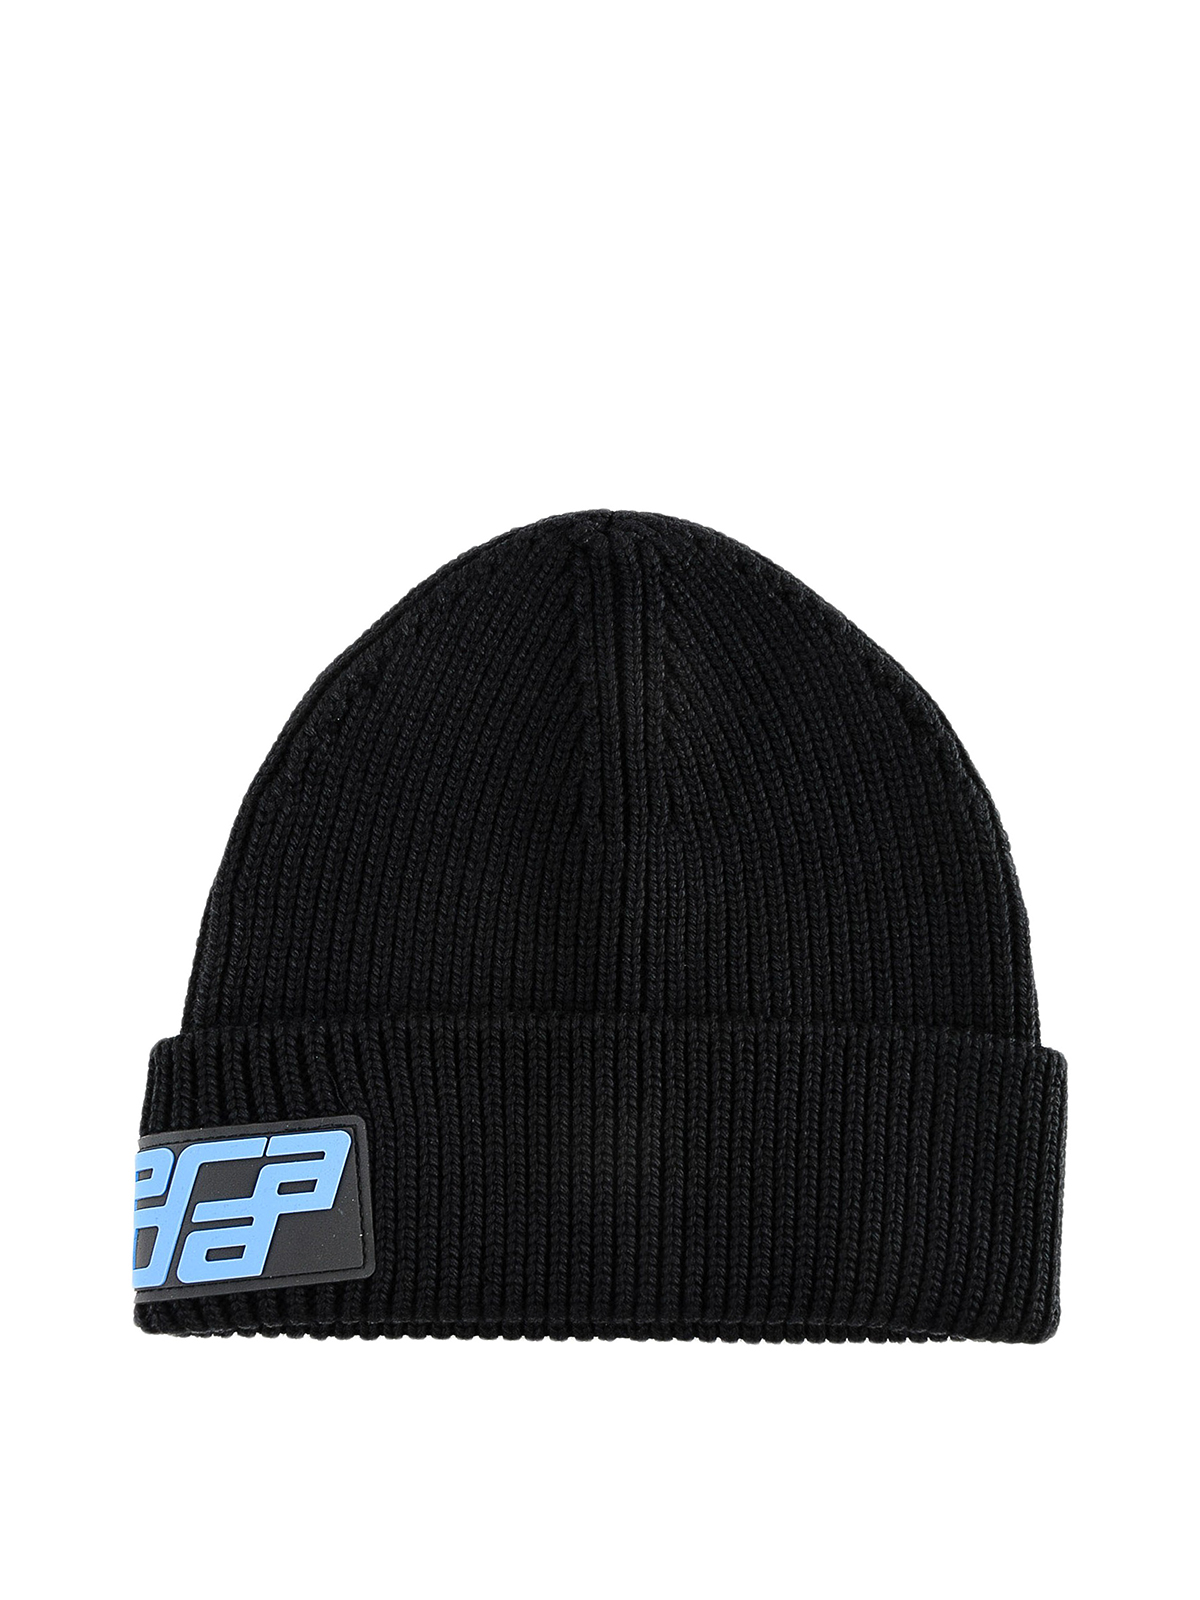 80e860056d5 Prada - Wool beanie with logo - hats   caps - 27378MPG002